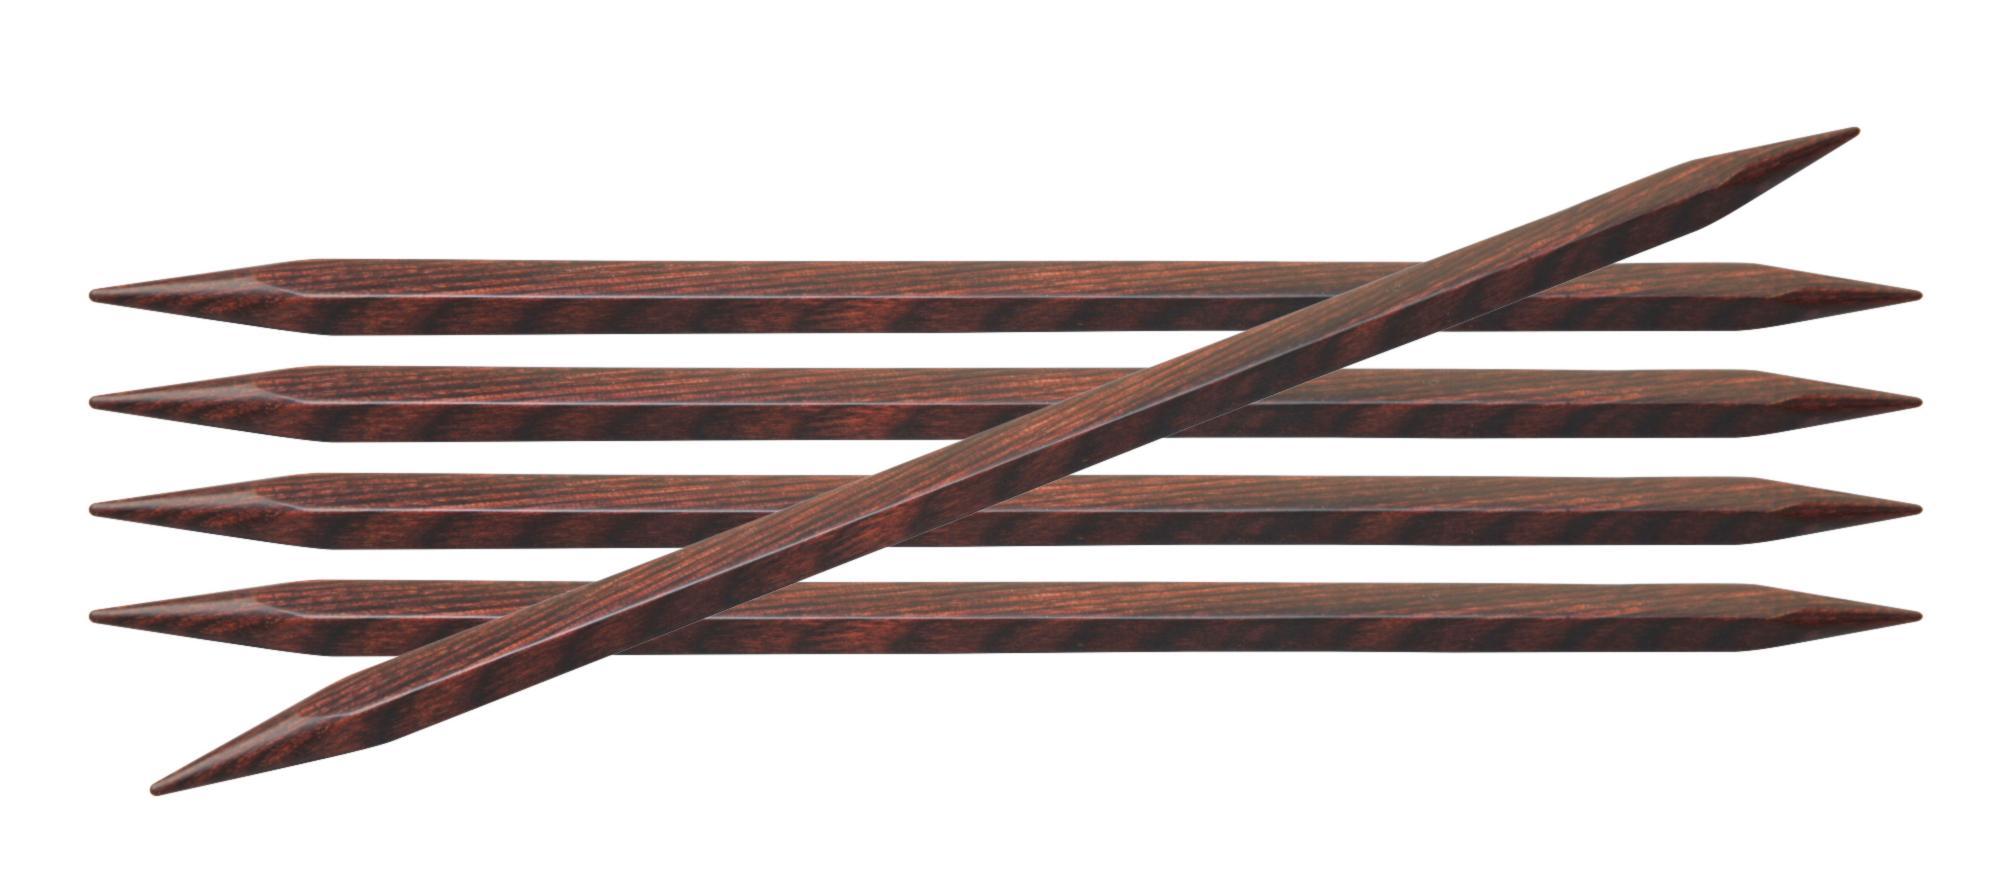 Спицы носочные 20 см Cubics Symfonie-Rose KnitPro, 25115 5.50 мм